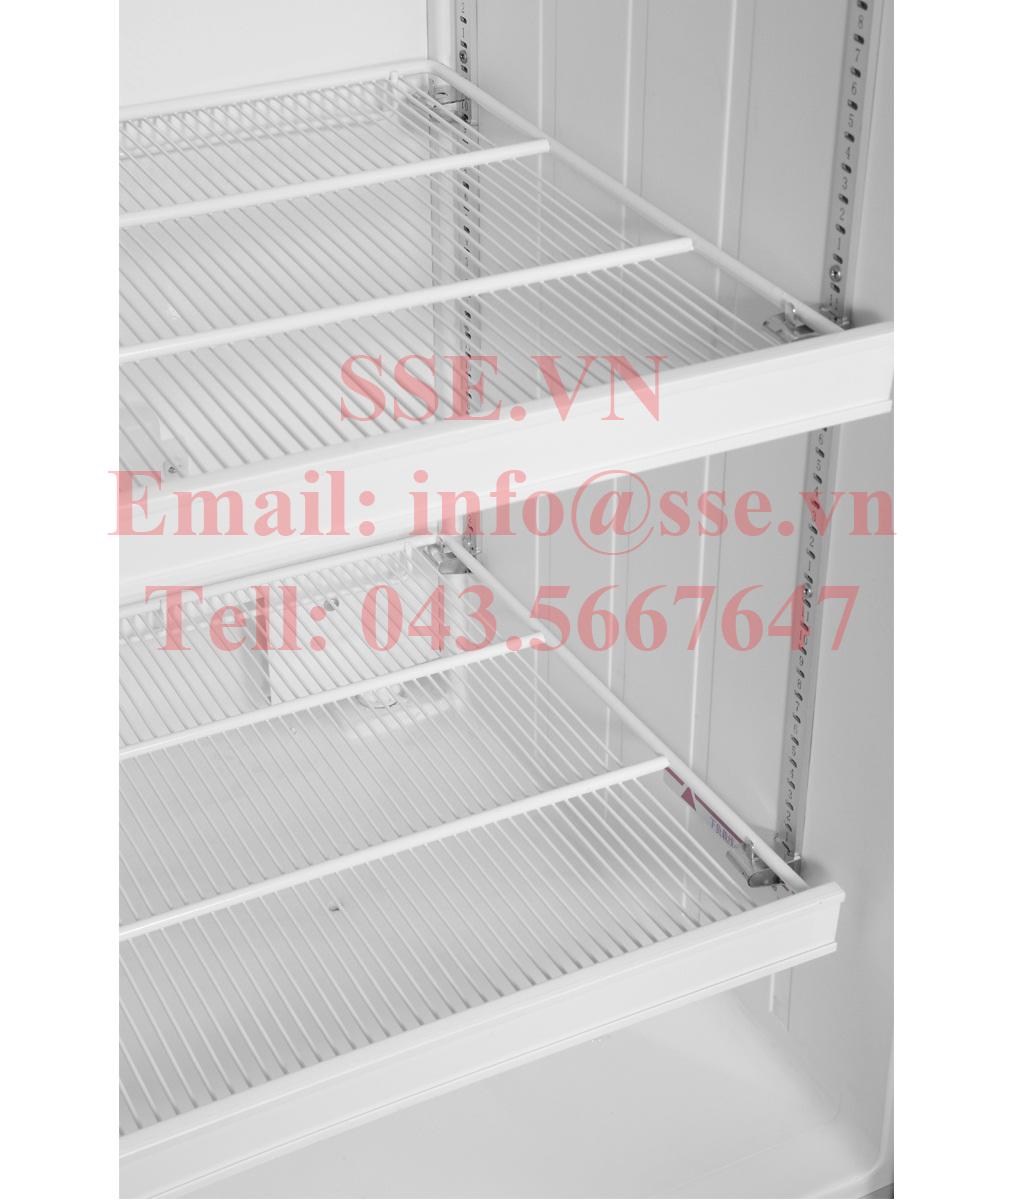 Buồng bảo quản vaccin tủ lạnh bảo quản